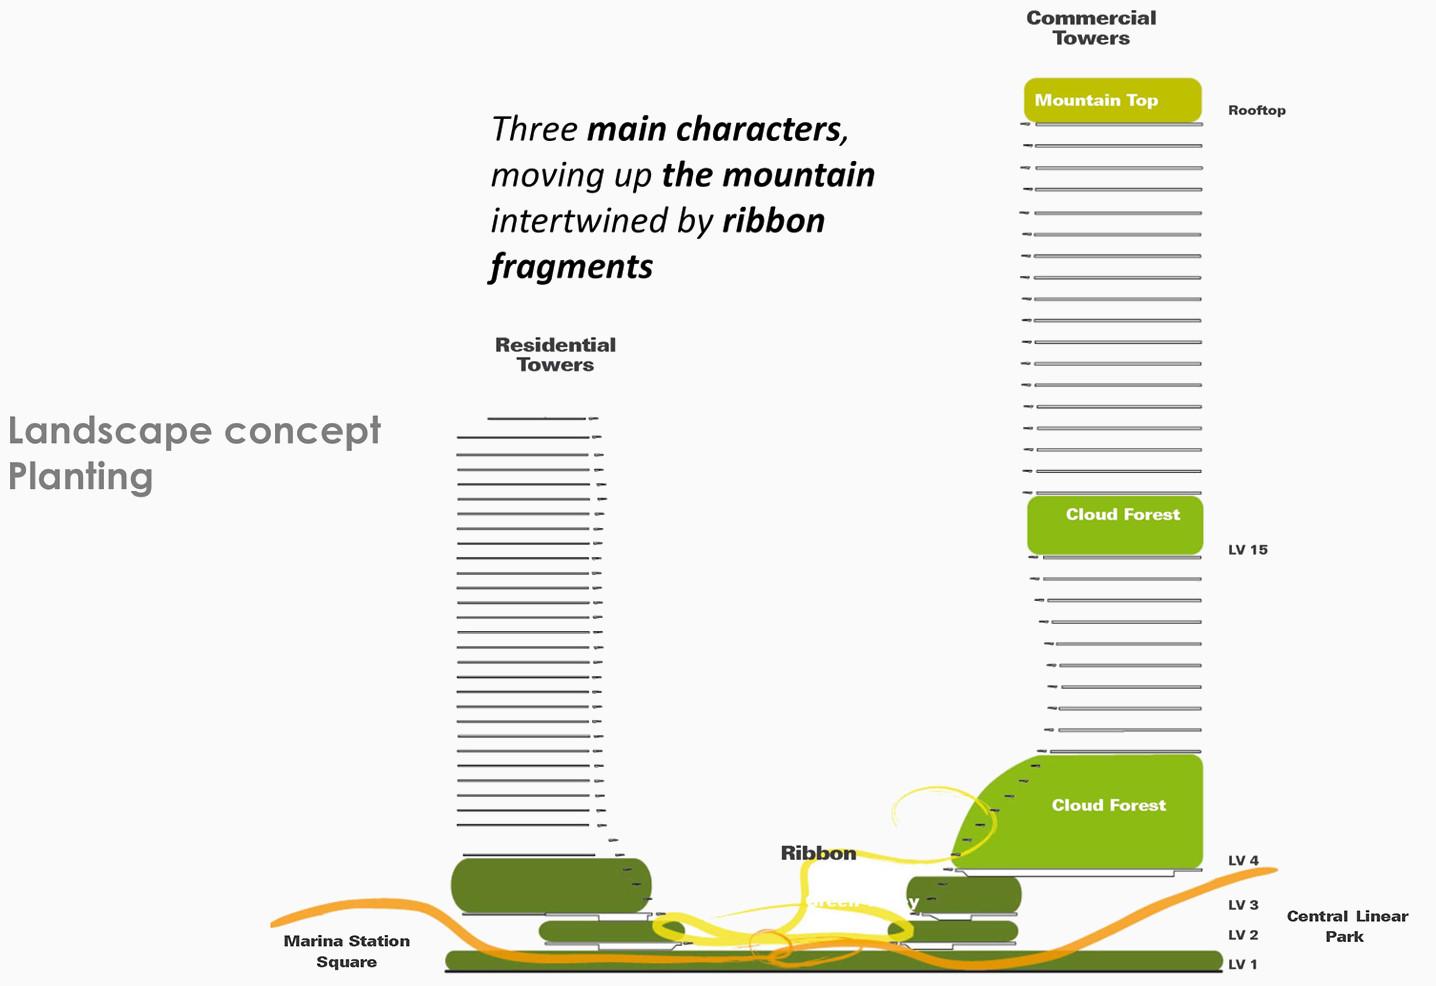 The Landscape Concept